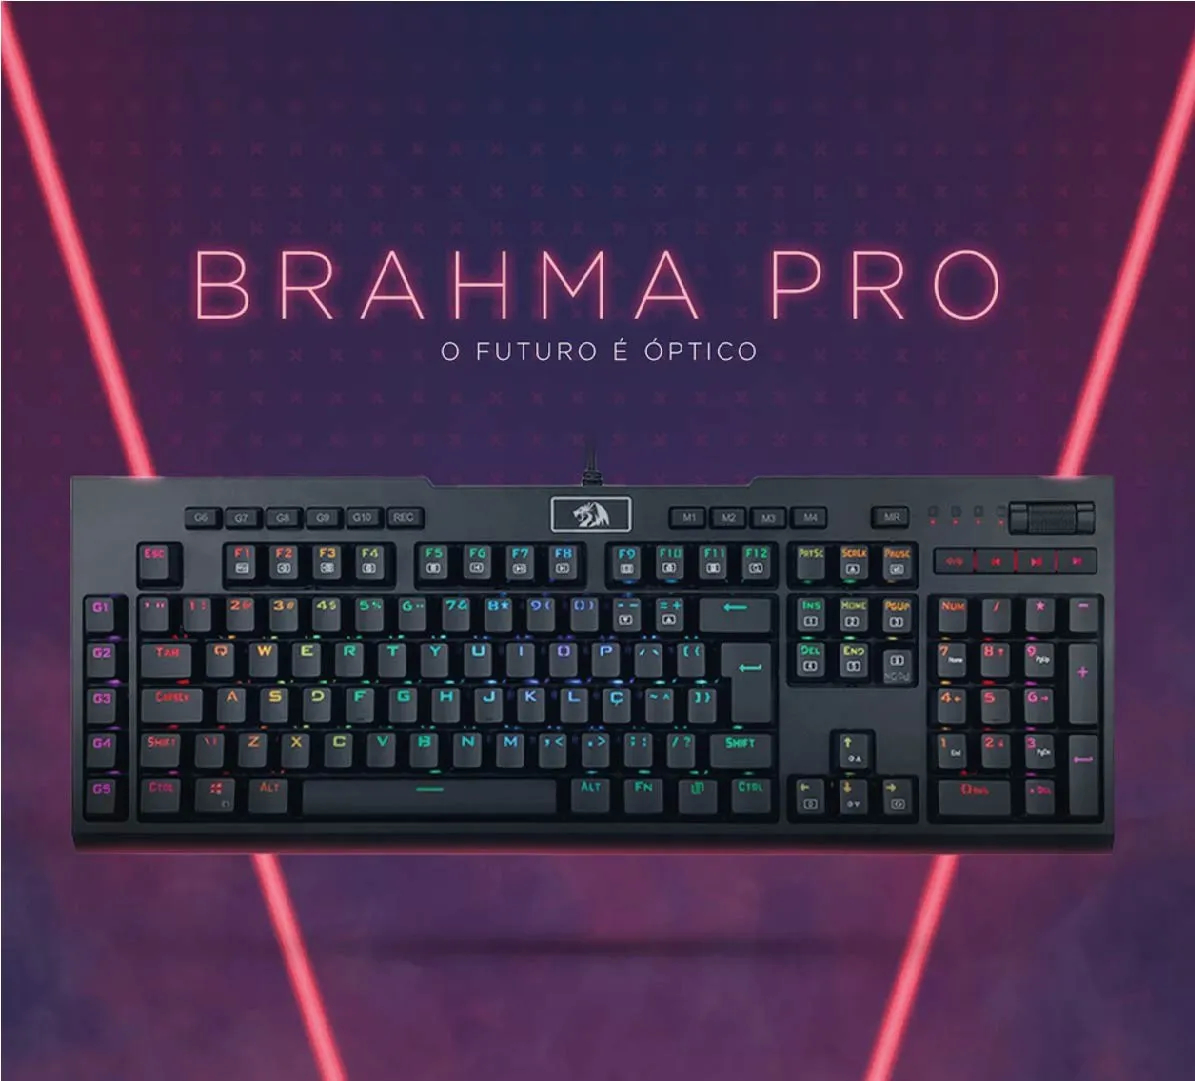 Teclado Brahma Pro Redragon RGB Switch Óptico Azul